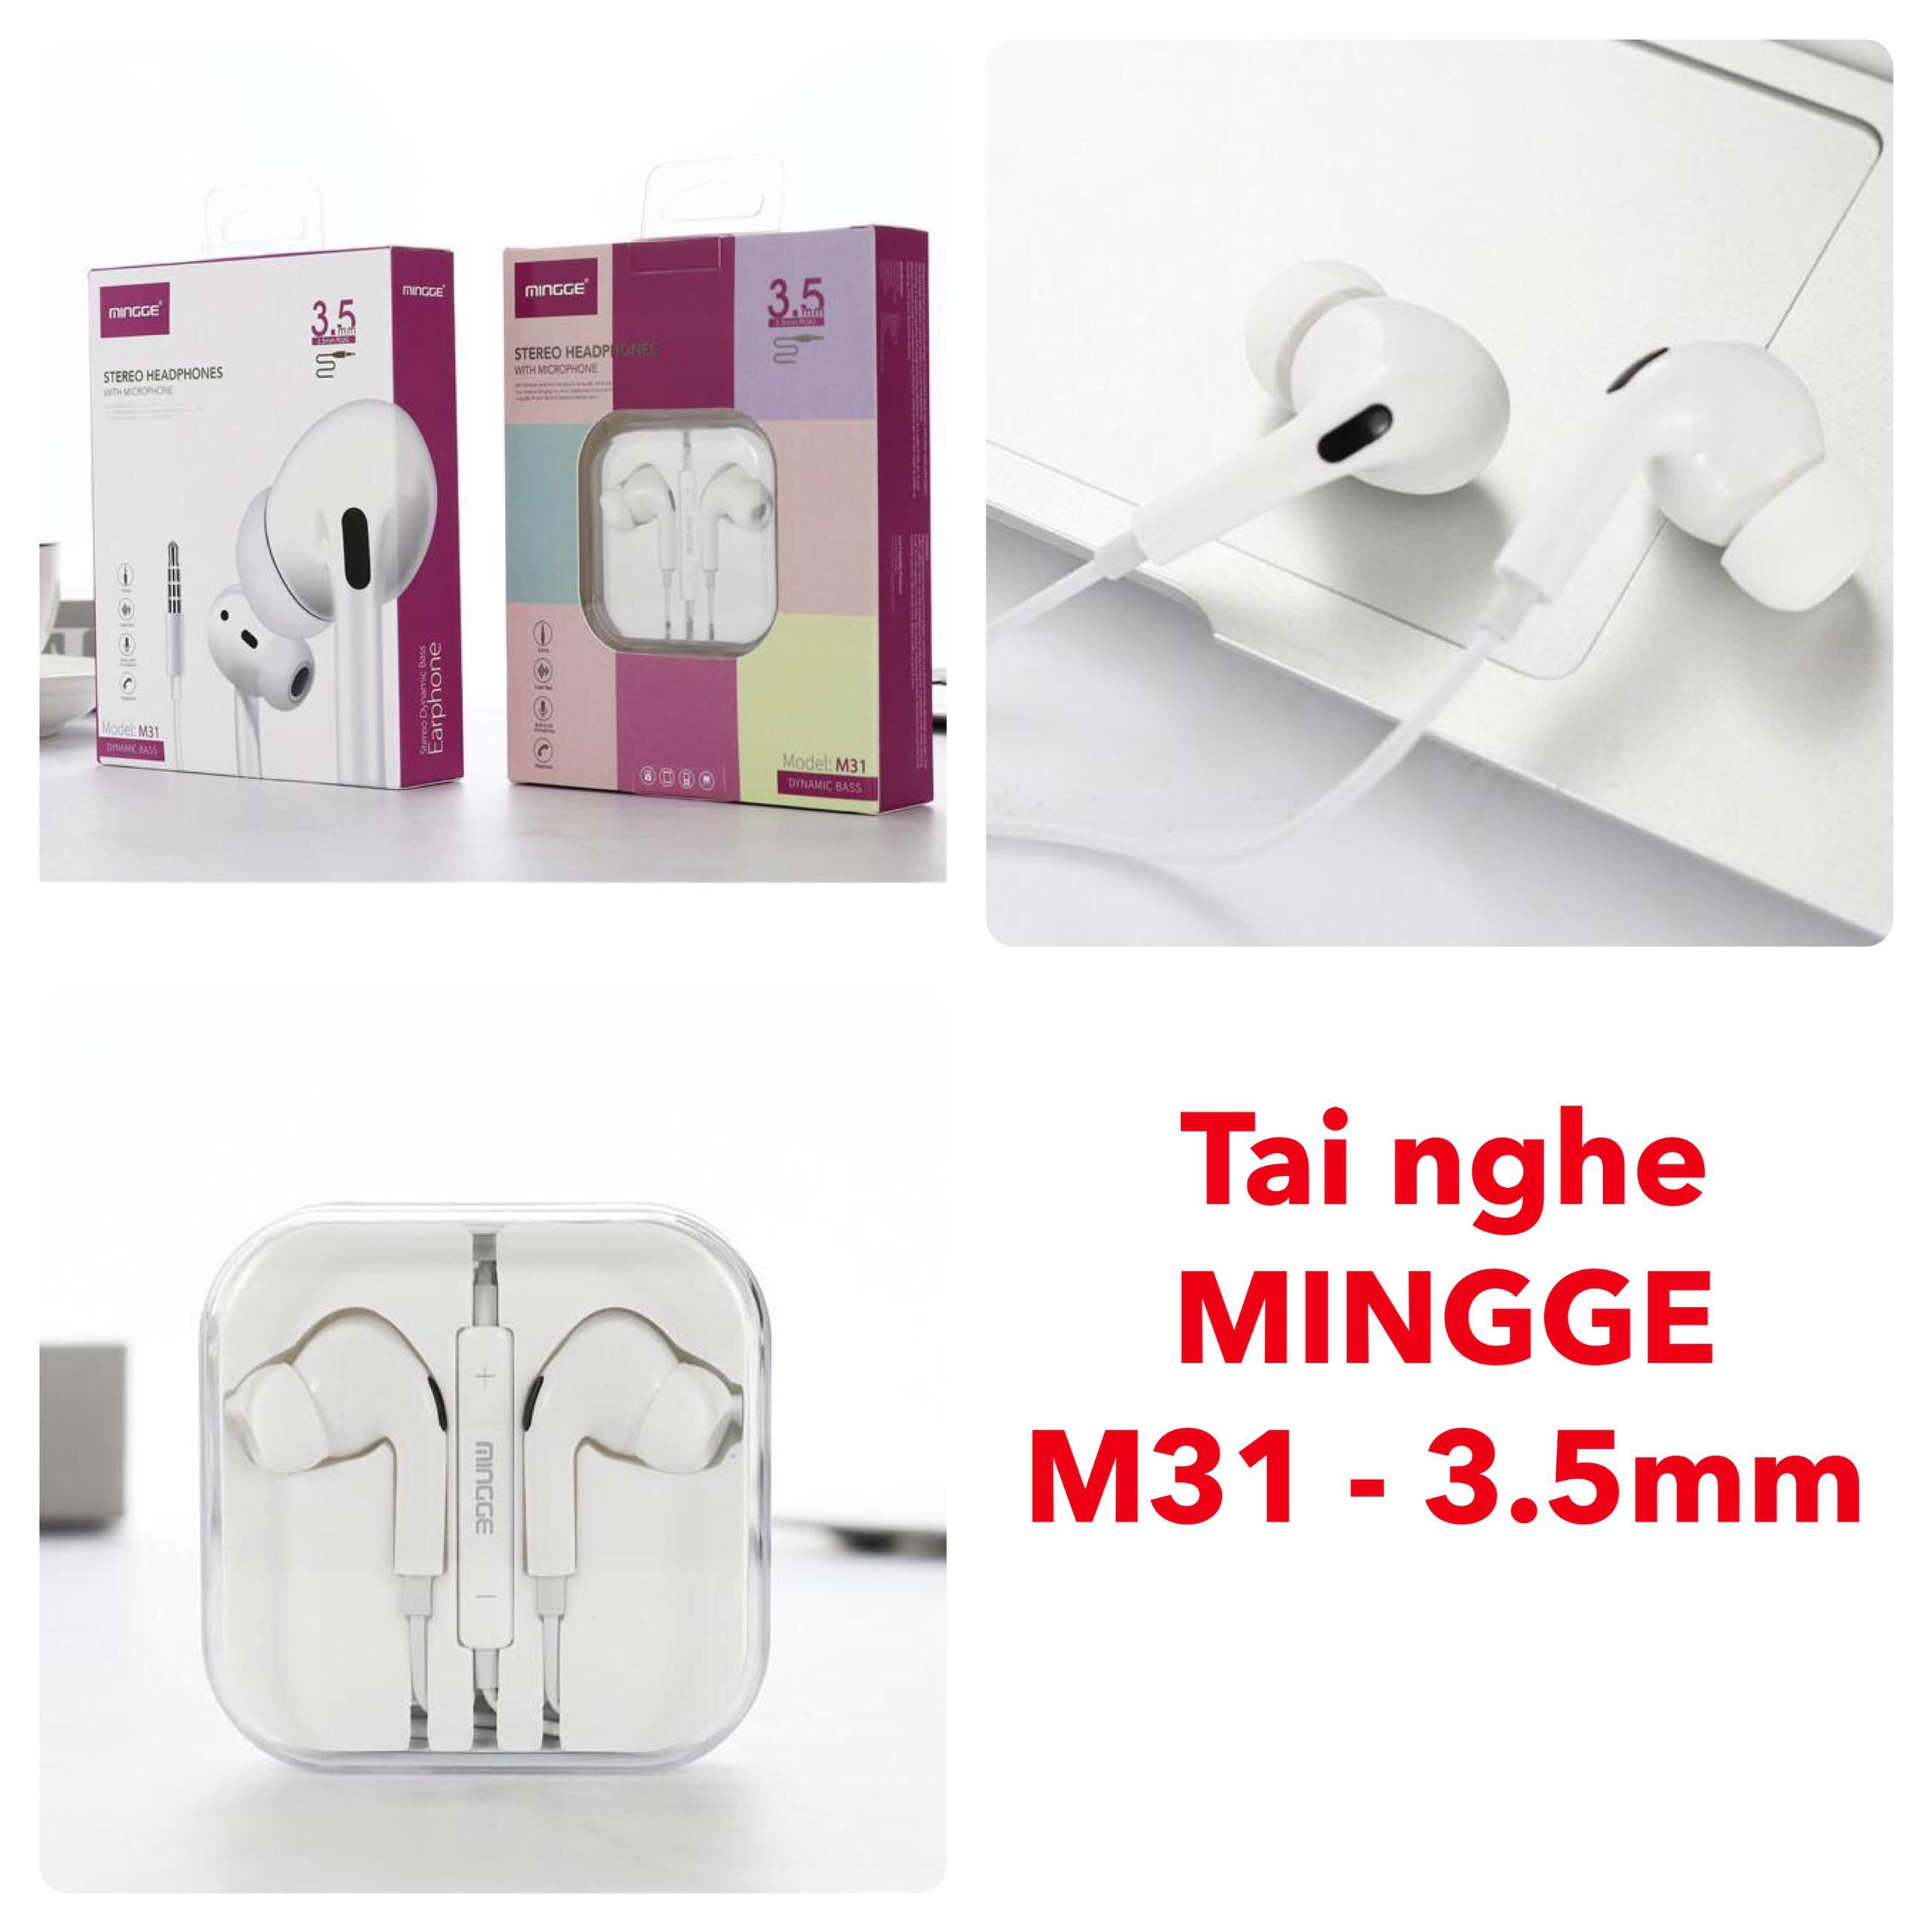 TAI NGHE MINGGE M31 – 3.5mm